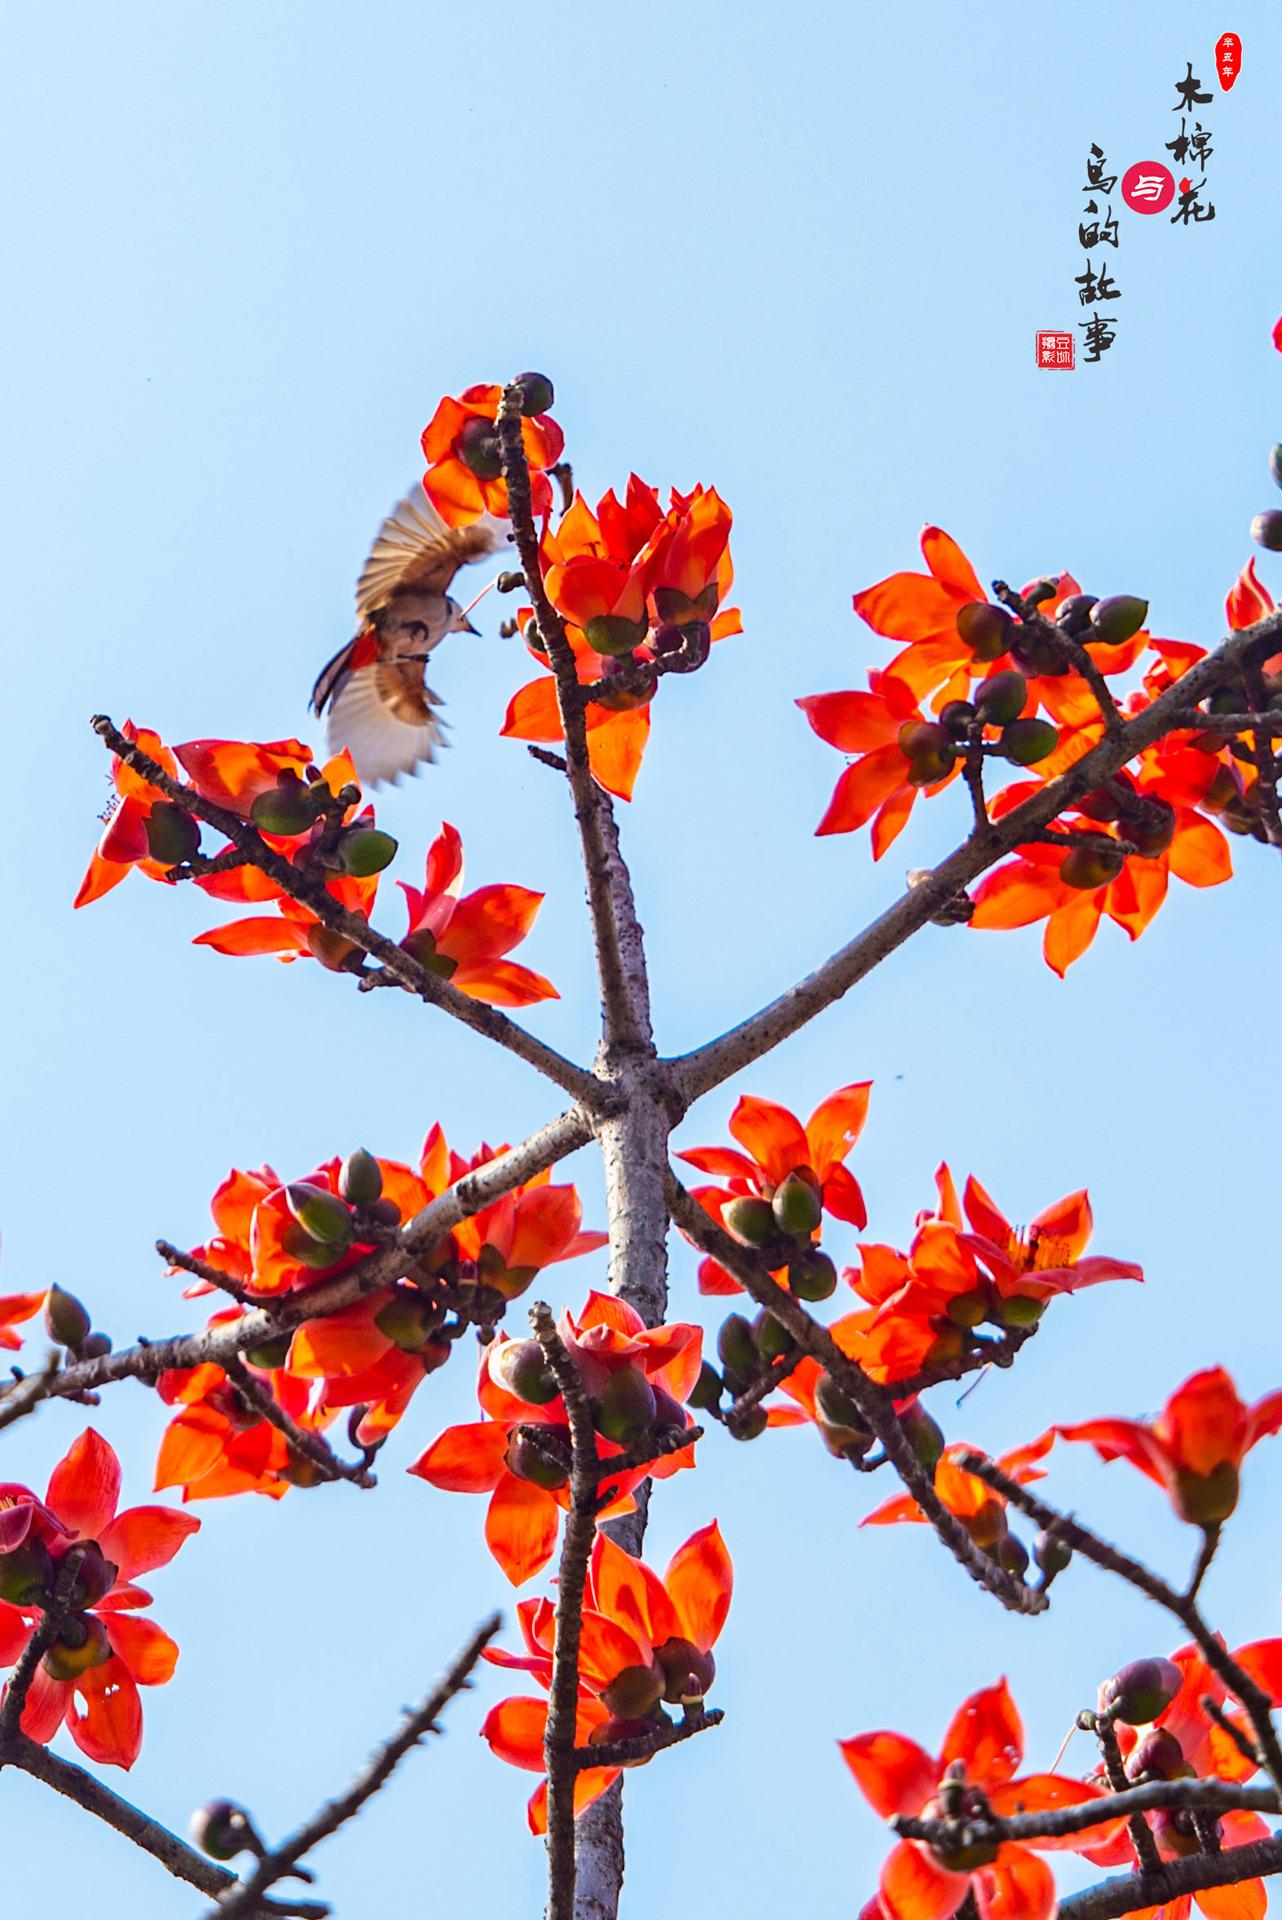 木棉花与鸟的故事22.jpg